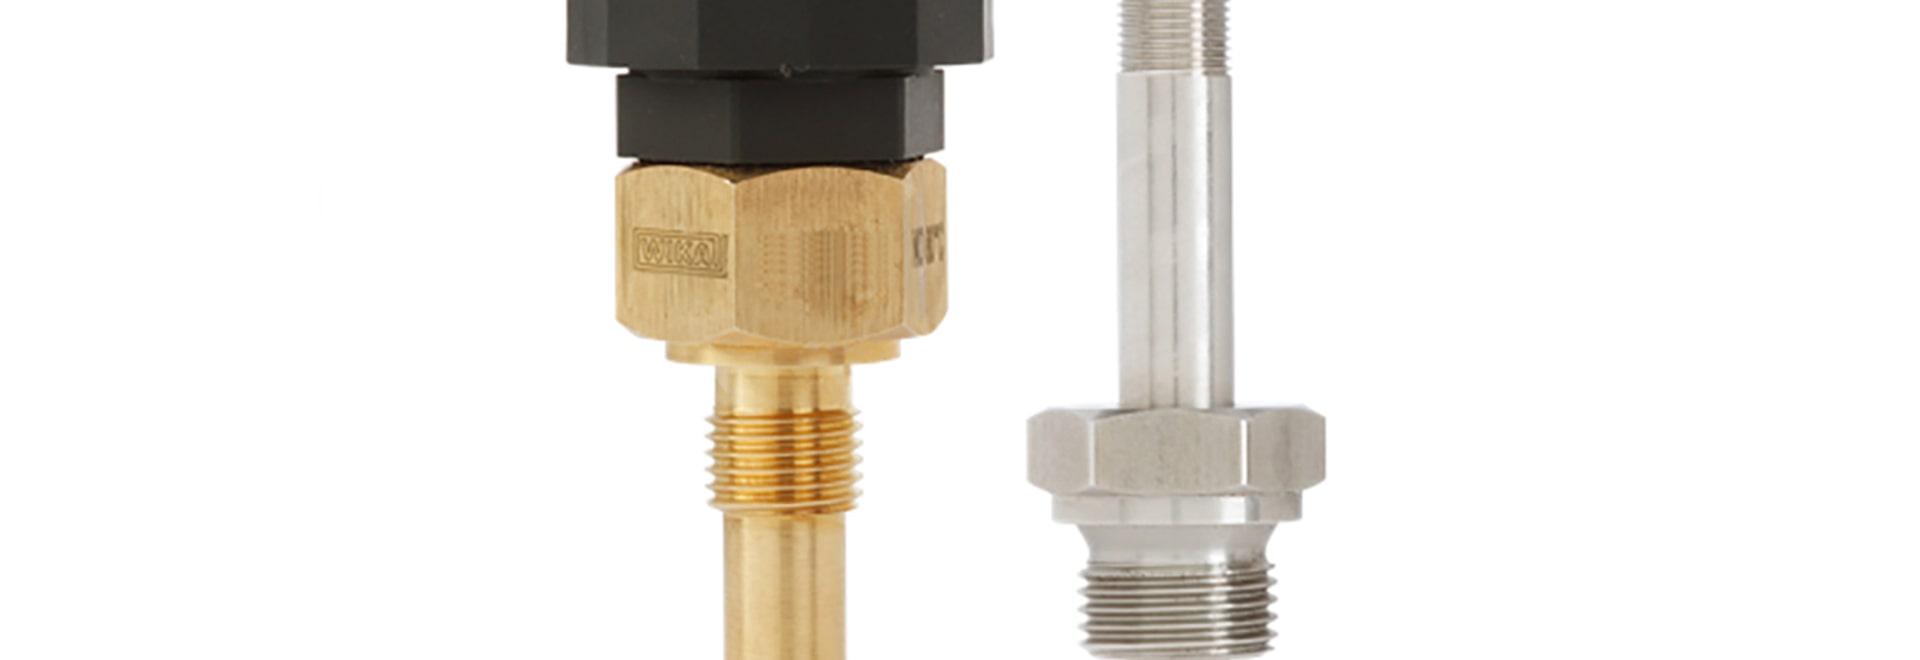 Neuer bimetallischer Temperaturschalter: Spannung bis 250 V und UL-Zustimmung